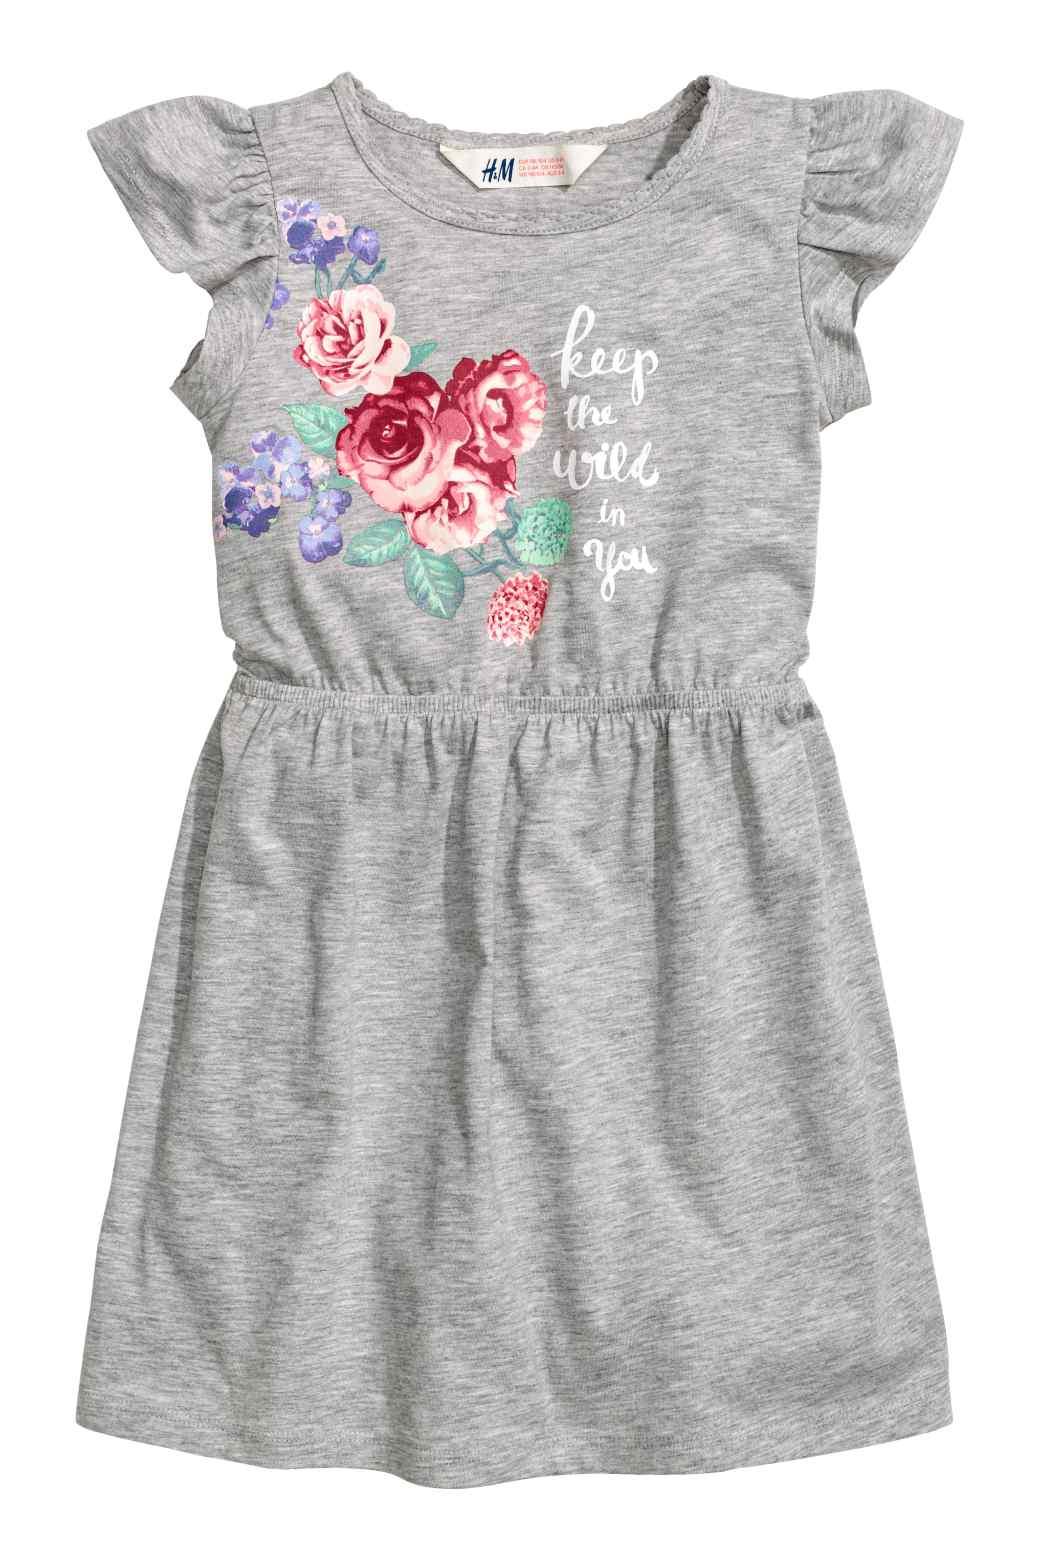 Одежда для девочек - От 18 мес. до 10 лет